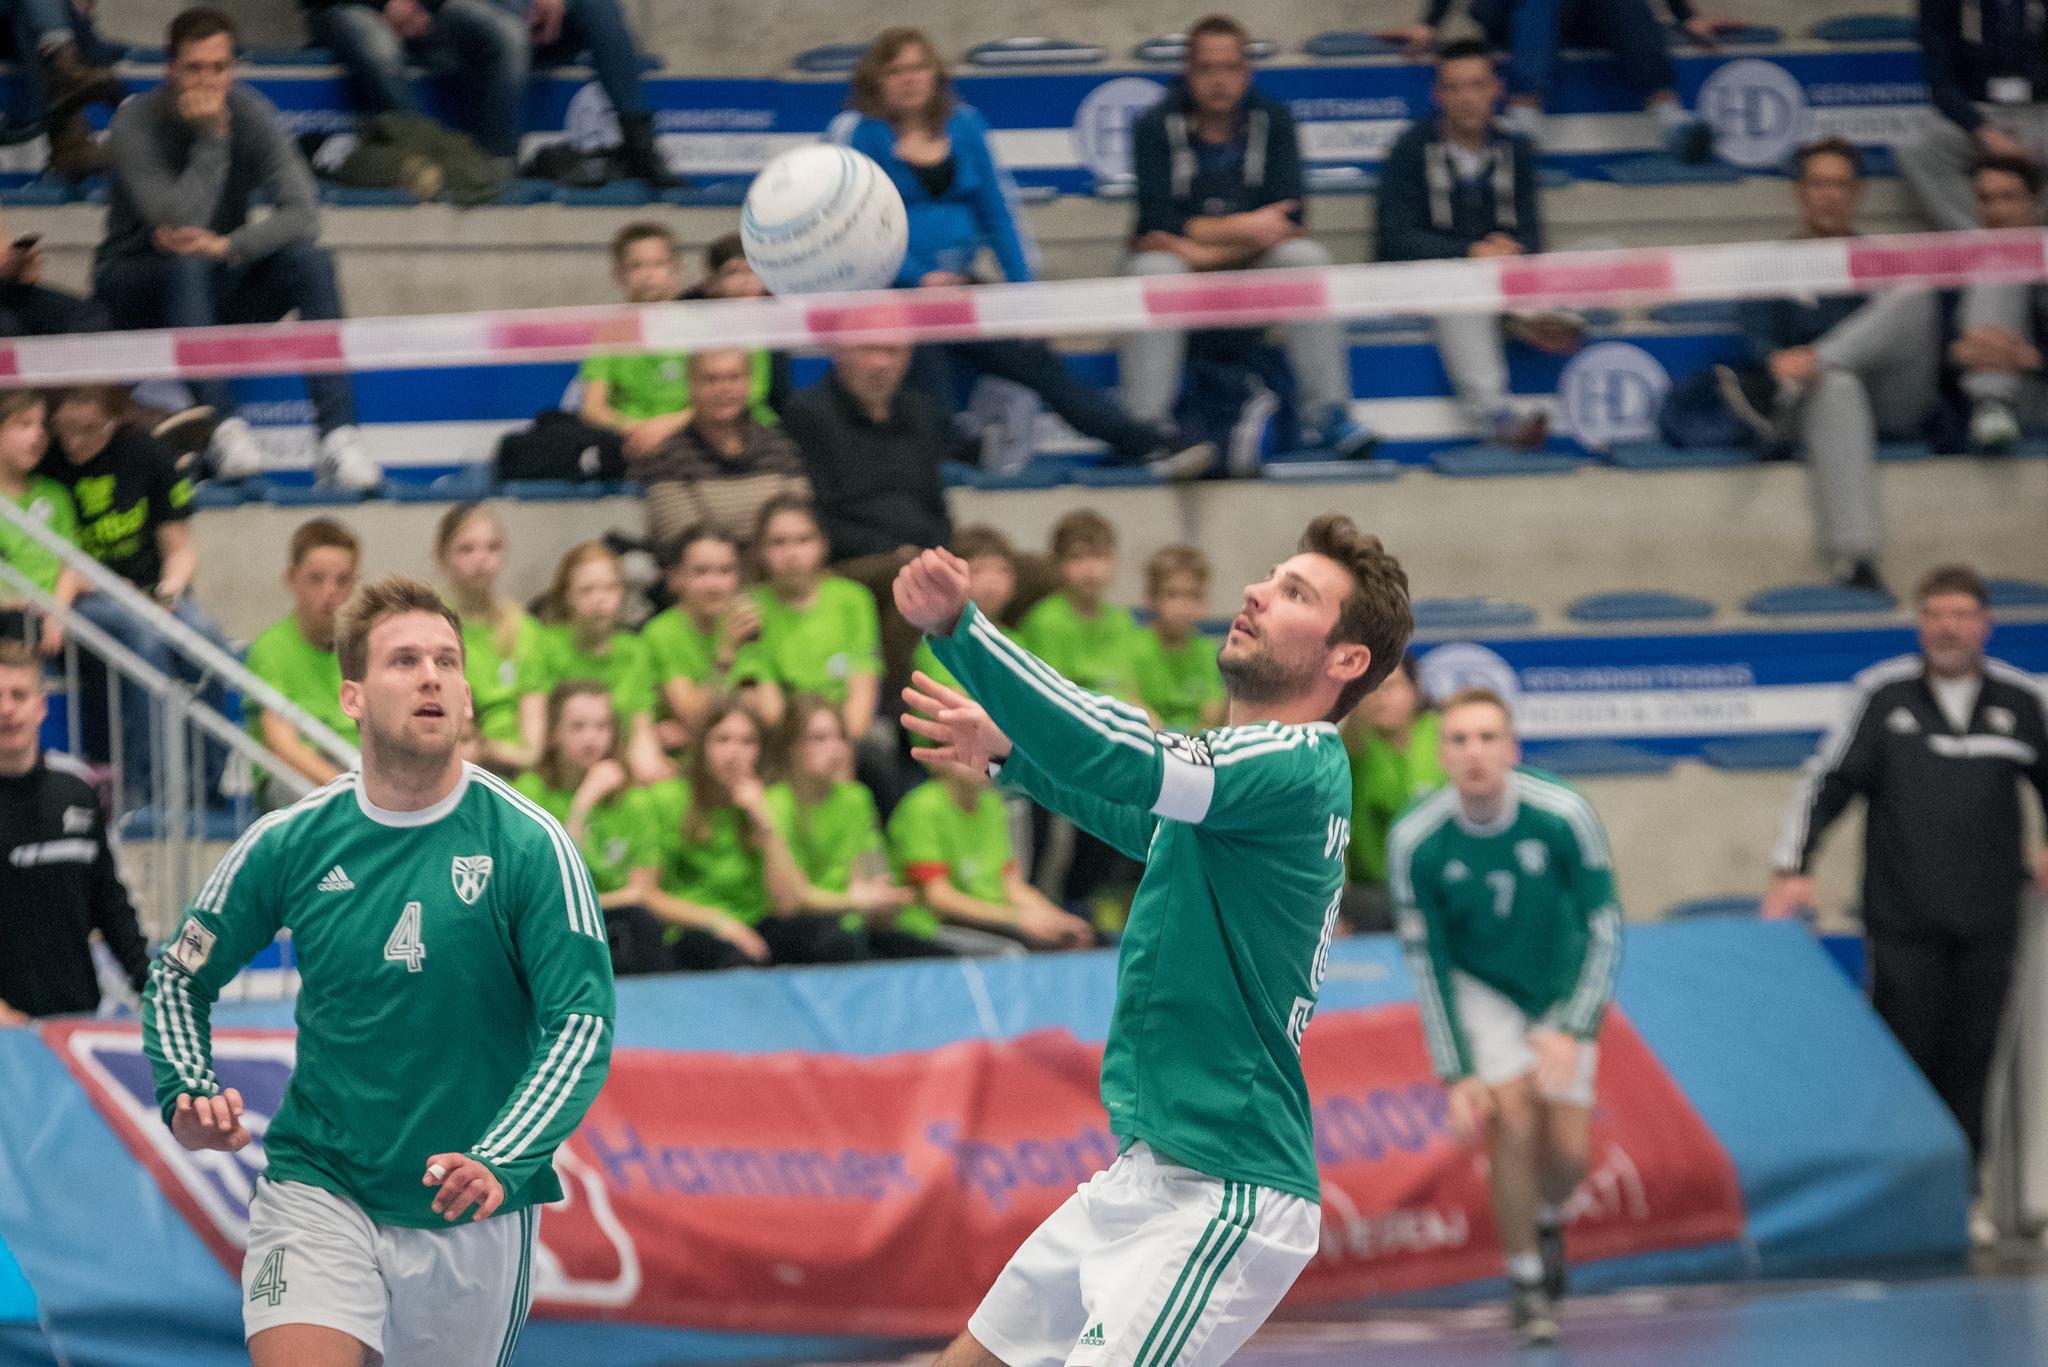 Wieder Topfavoriten im Norden: Lukas Schubert (l.) und Jascha Ohlrich vom VfK Berlin. (Foto: DFBL/Schönwandt)